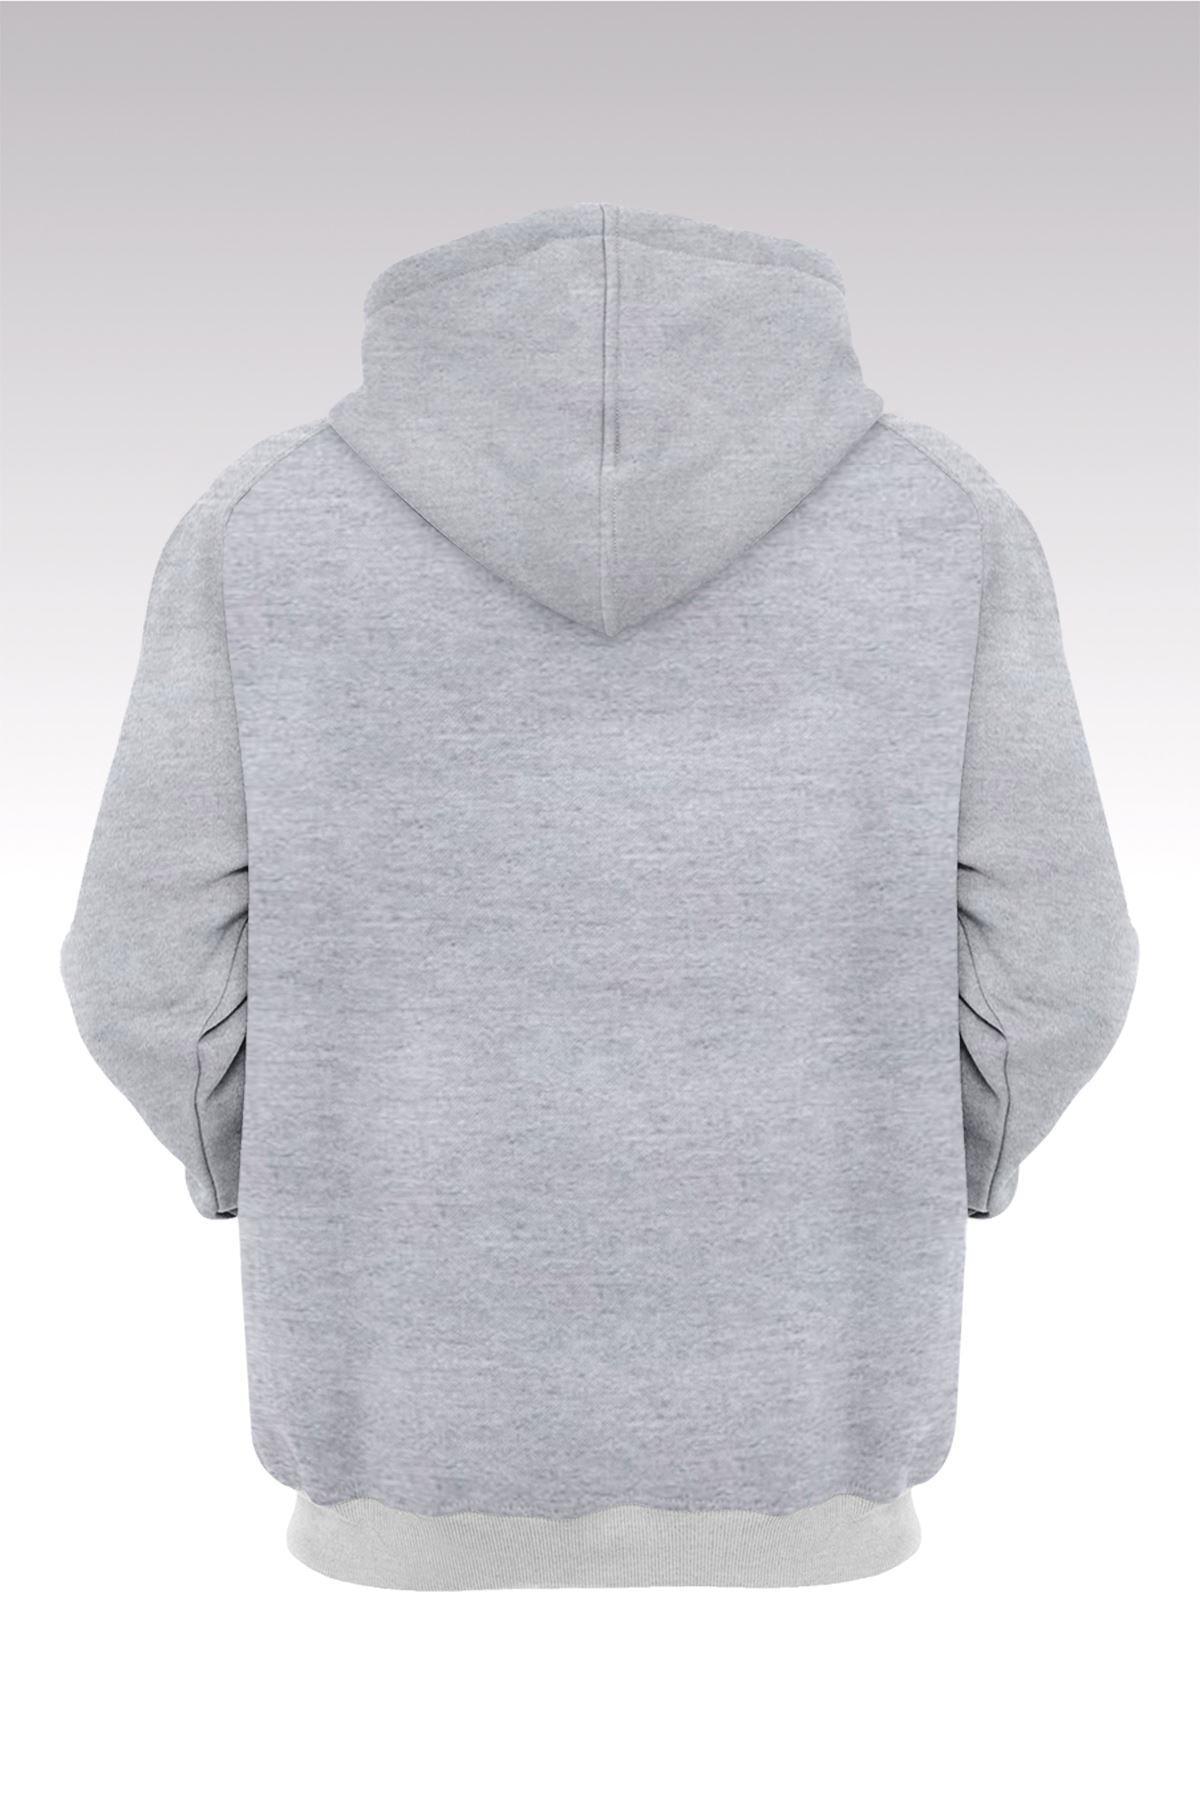 Kesha Jumpman 181 Gri Kapşonlu Sweatshirt - Hoodie 2